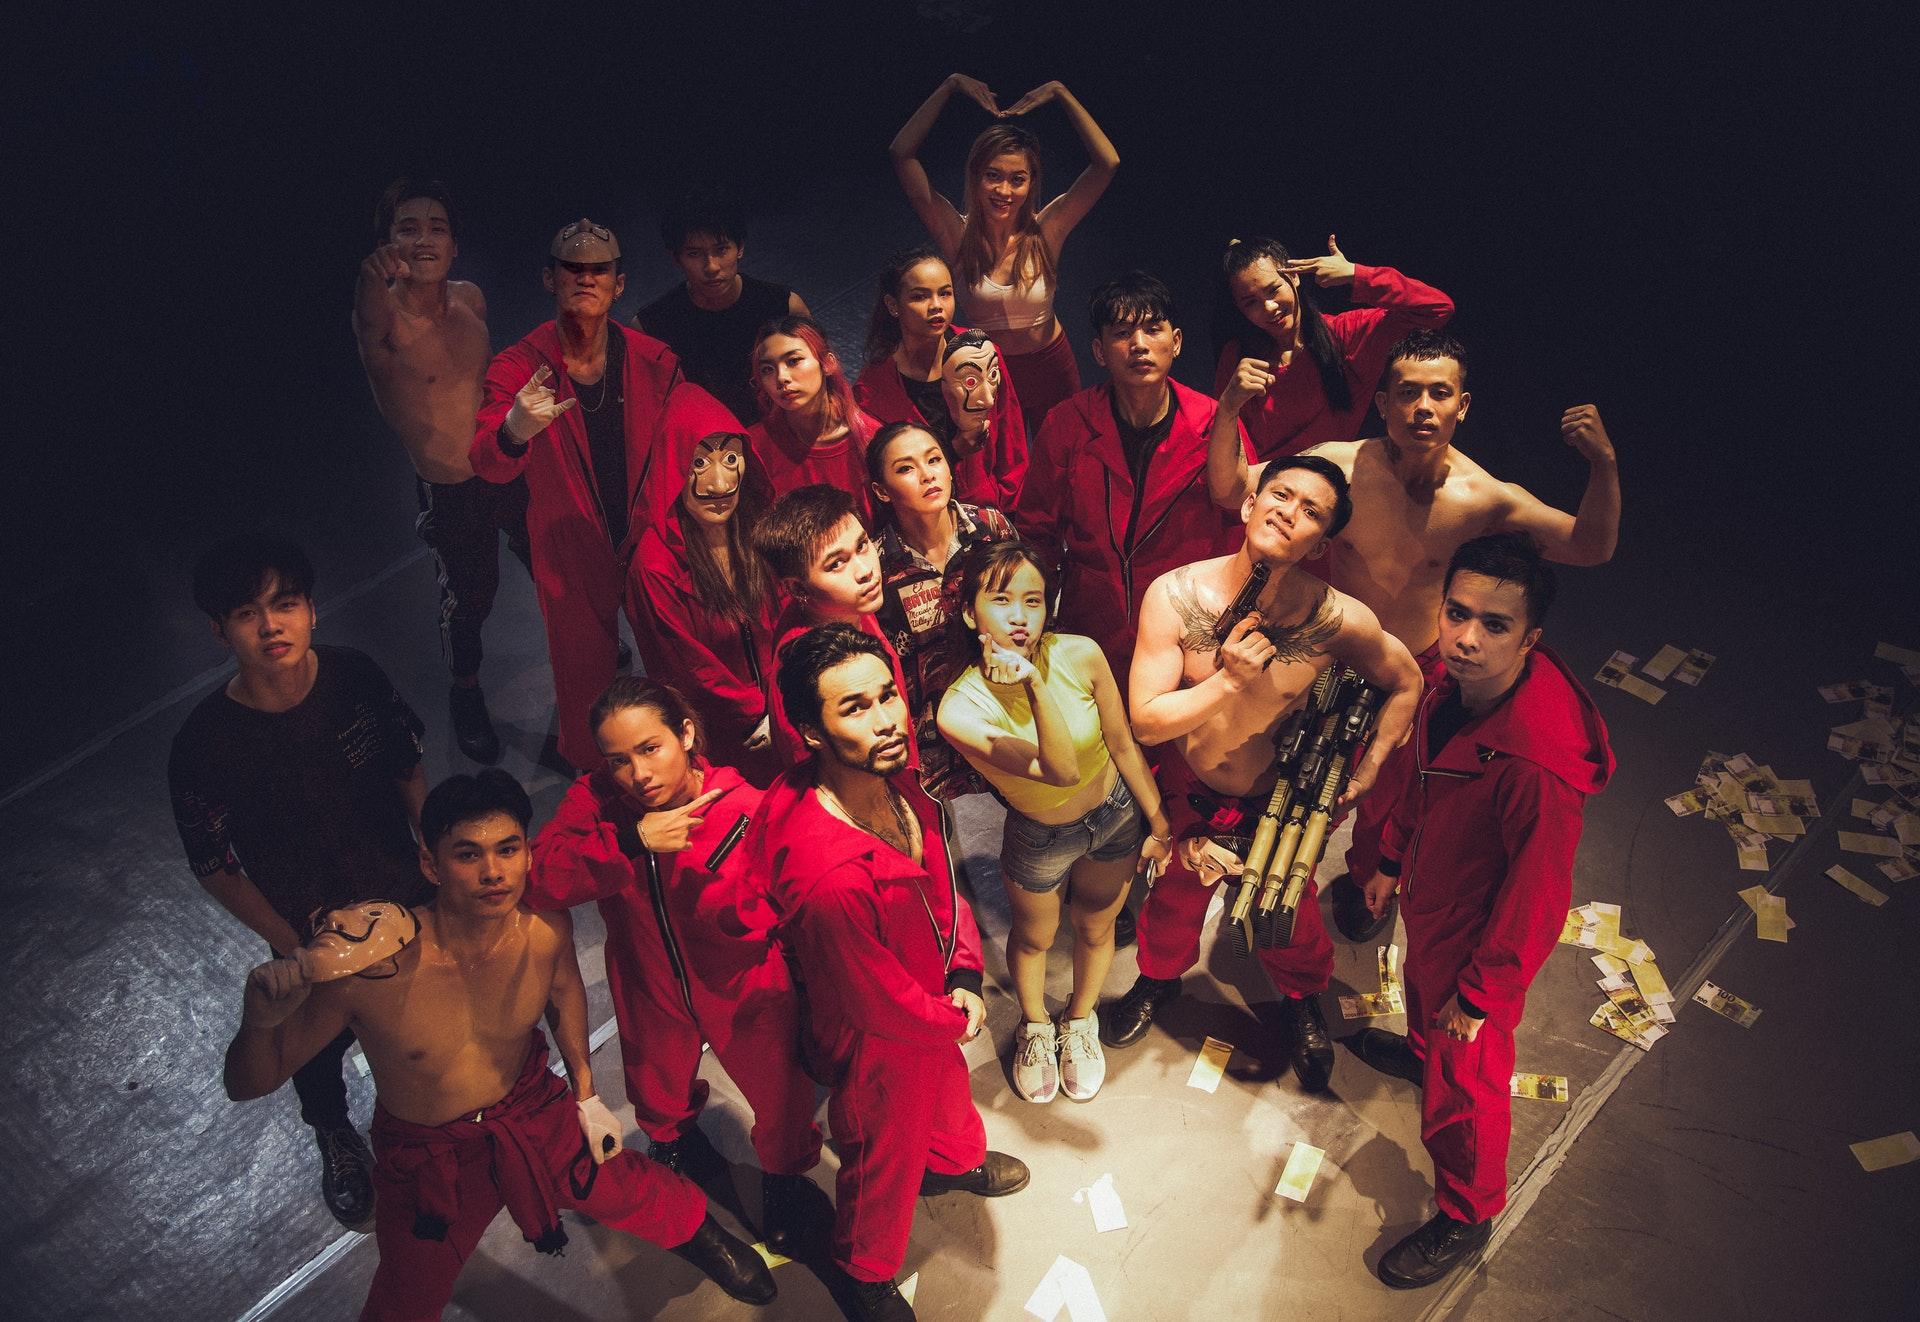 Mọt phim Netlix sẽ như được sống lại với bộ phim Phi Vụ Triệu Đô khi xem phiên bản dance cực xịn đến từ BCA Dance Group - Ảnh 1.